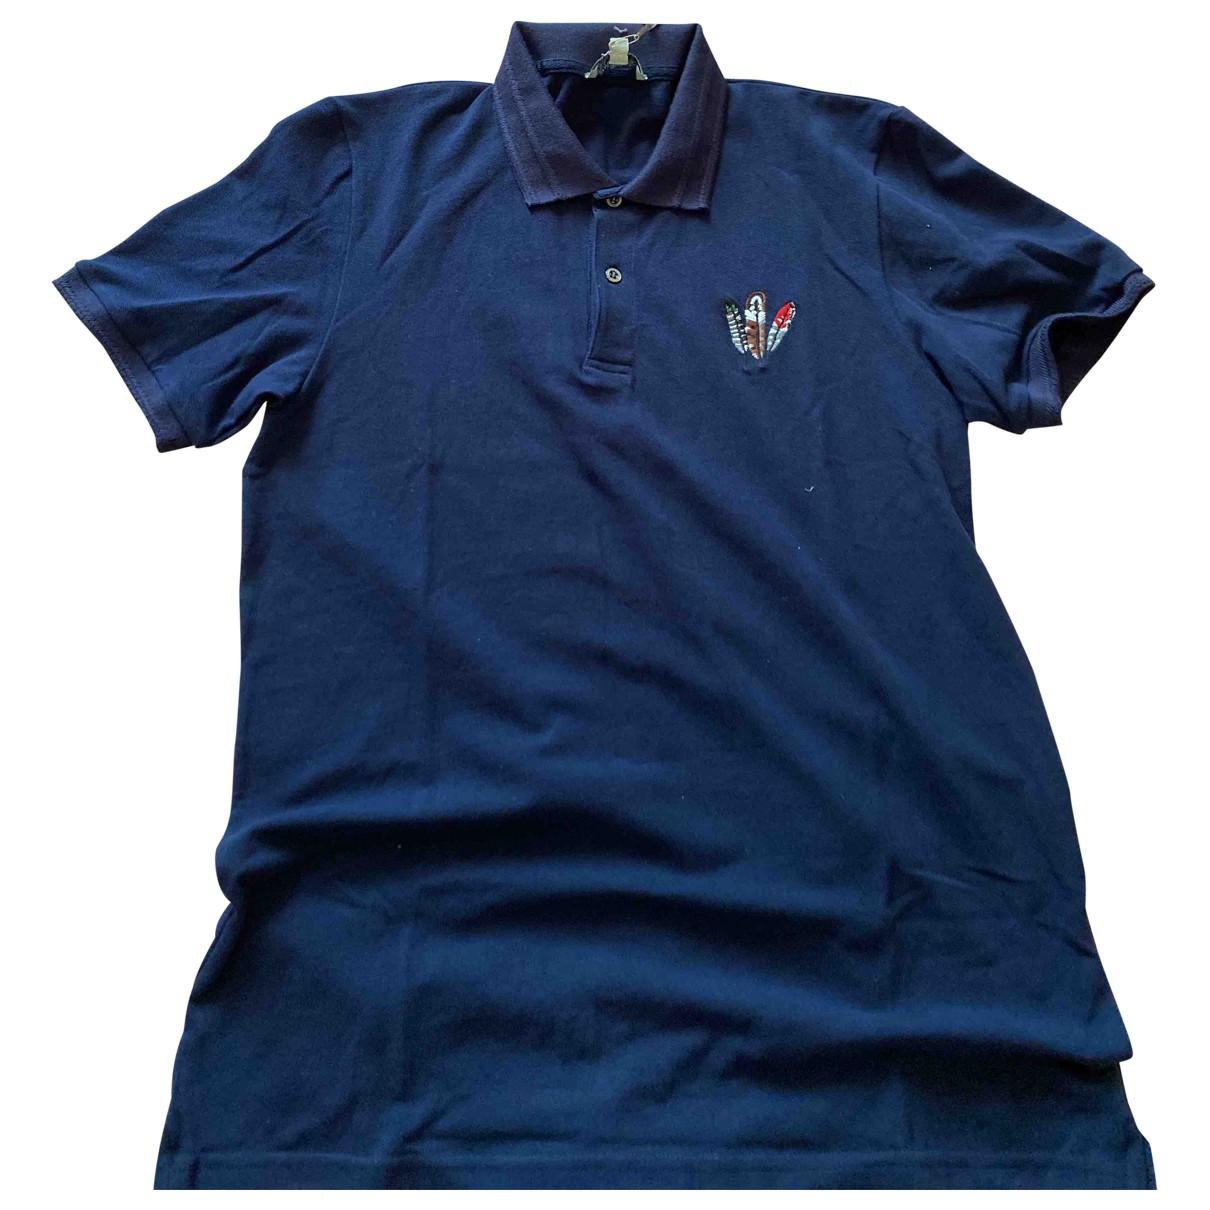 Paul & Joe - Polos   pour homme en coton - bleu